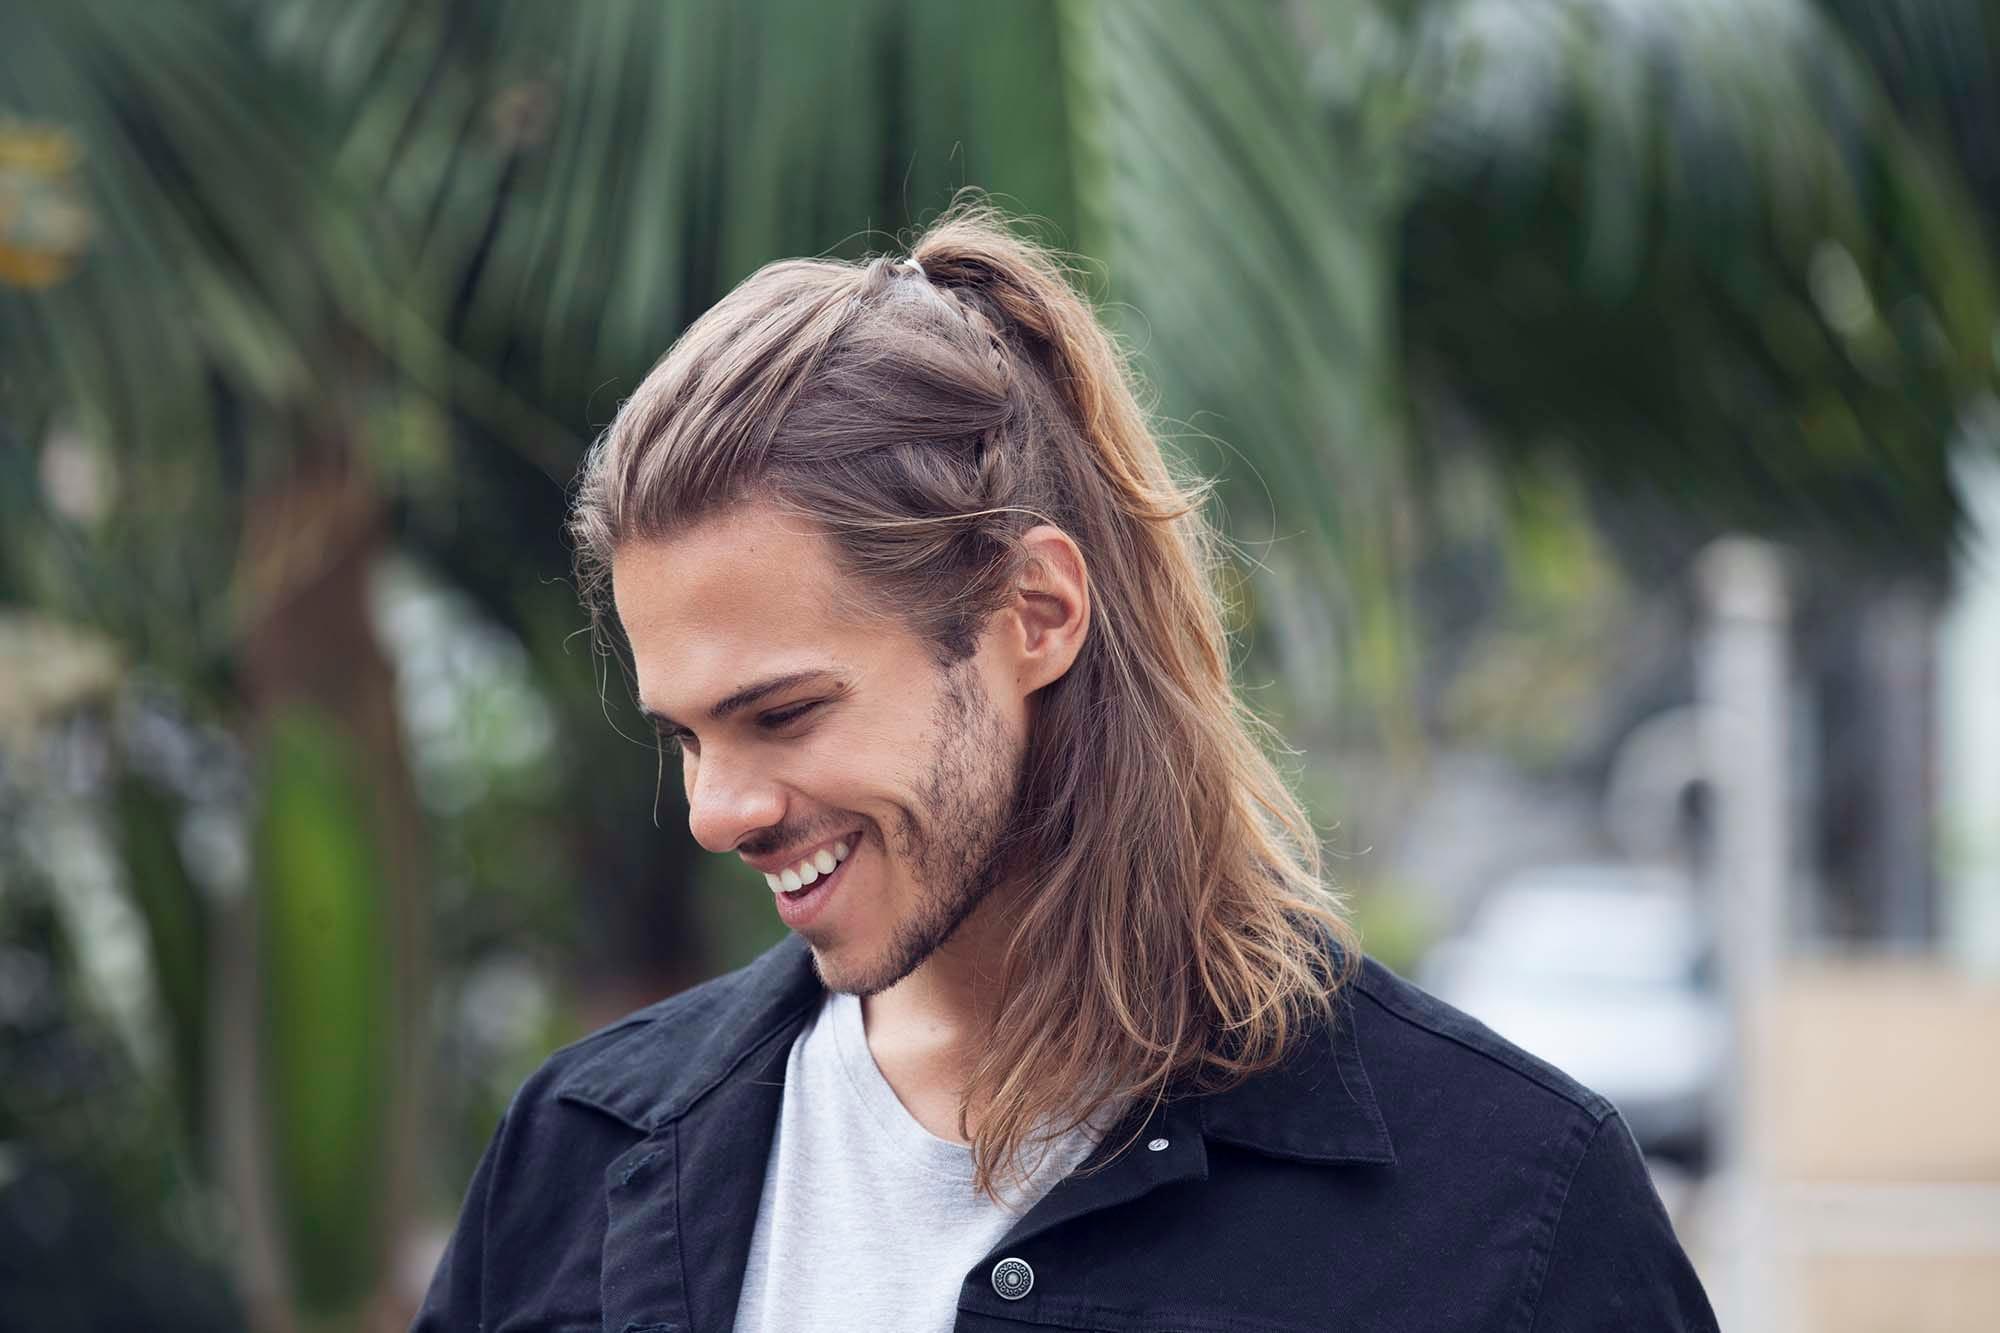 Стрижка мужская с хвостиком на волосы различной длины для стильных мужчин